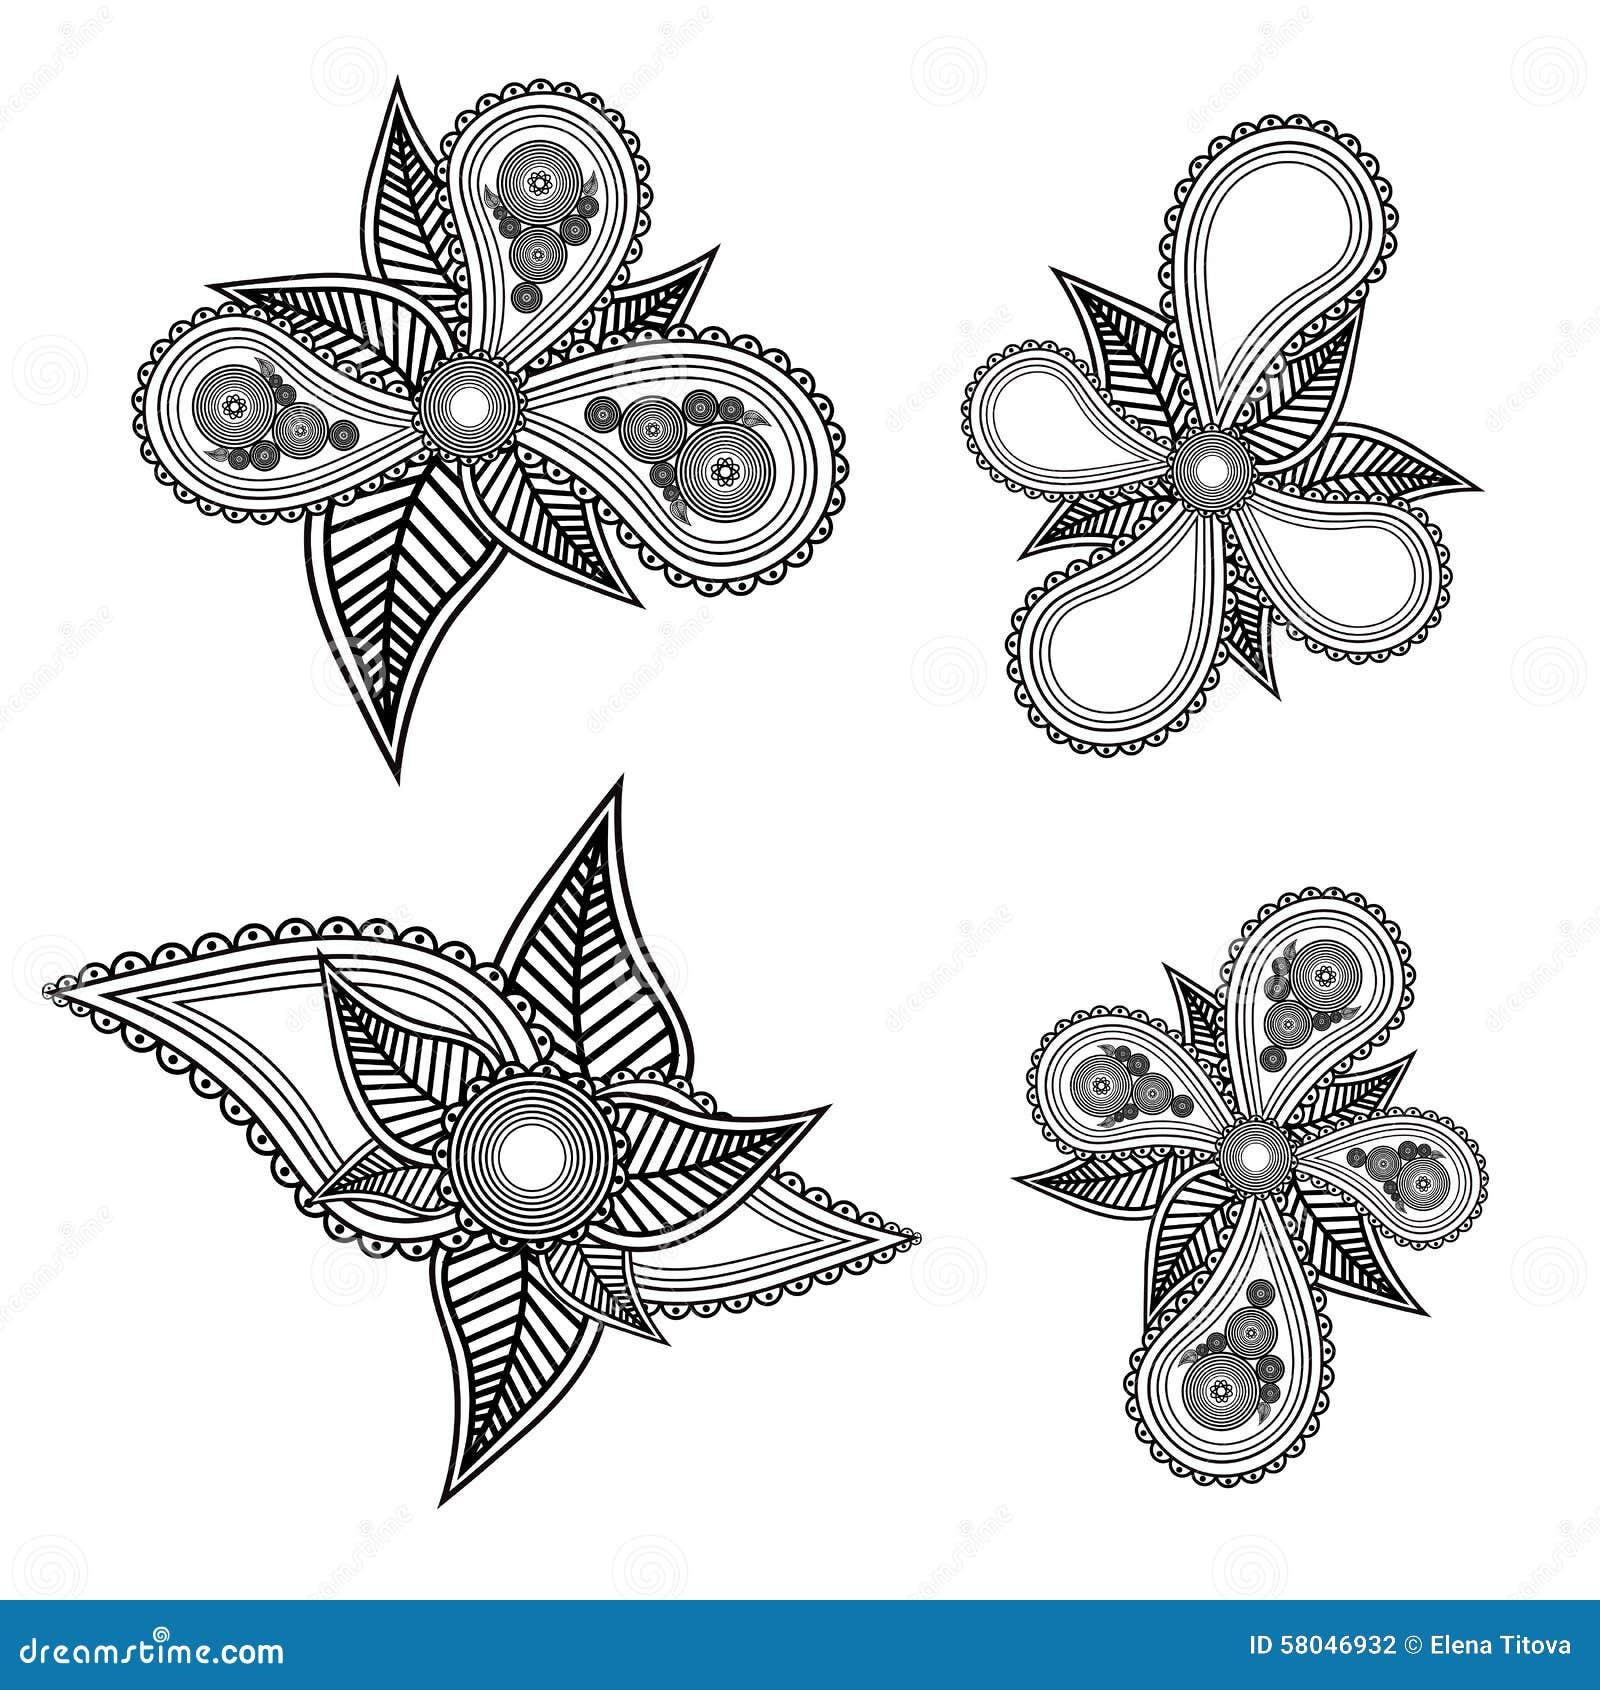 Set Of Black Flower Design Elements Vector Illustration: Set Of Ornate Black And White Floral Design Elements With